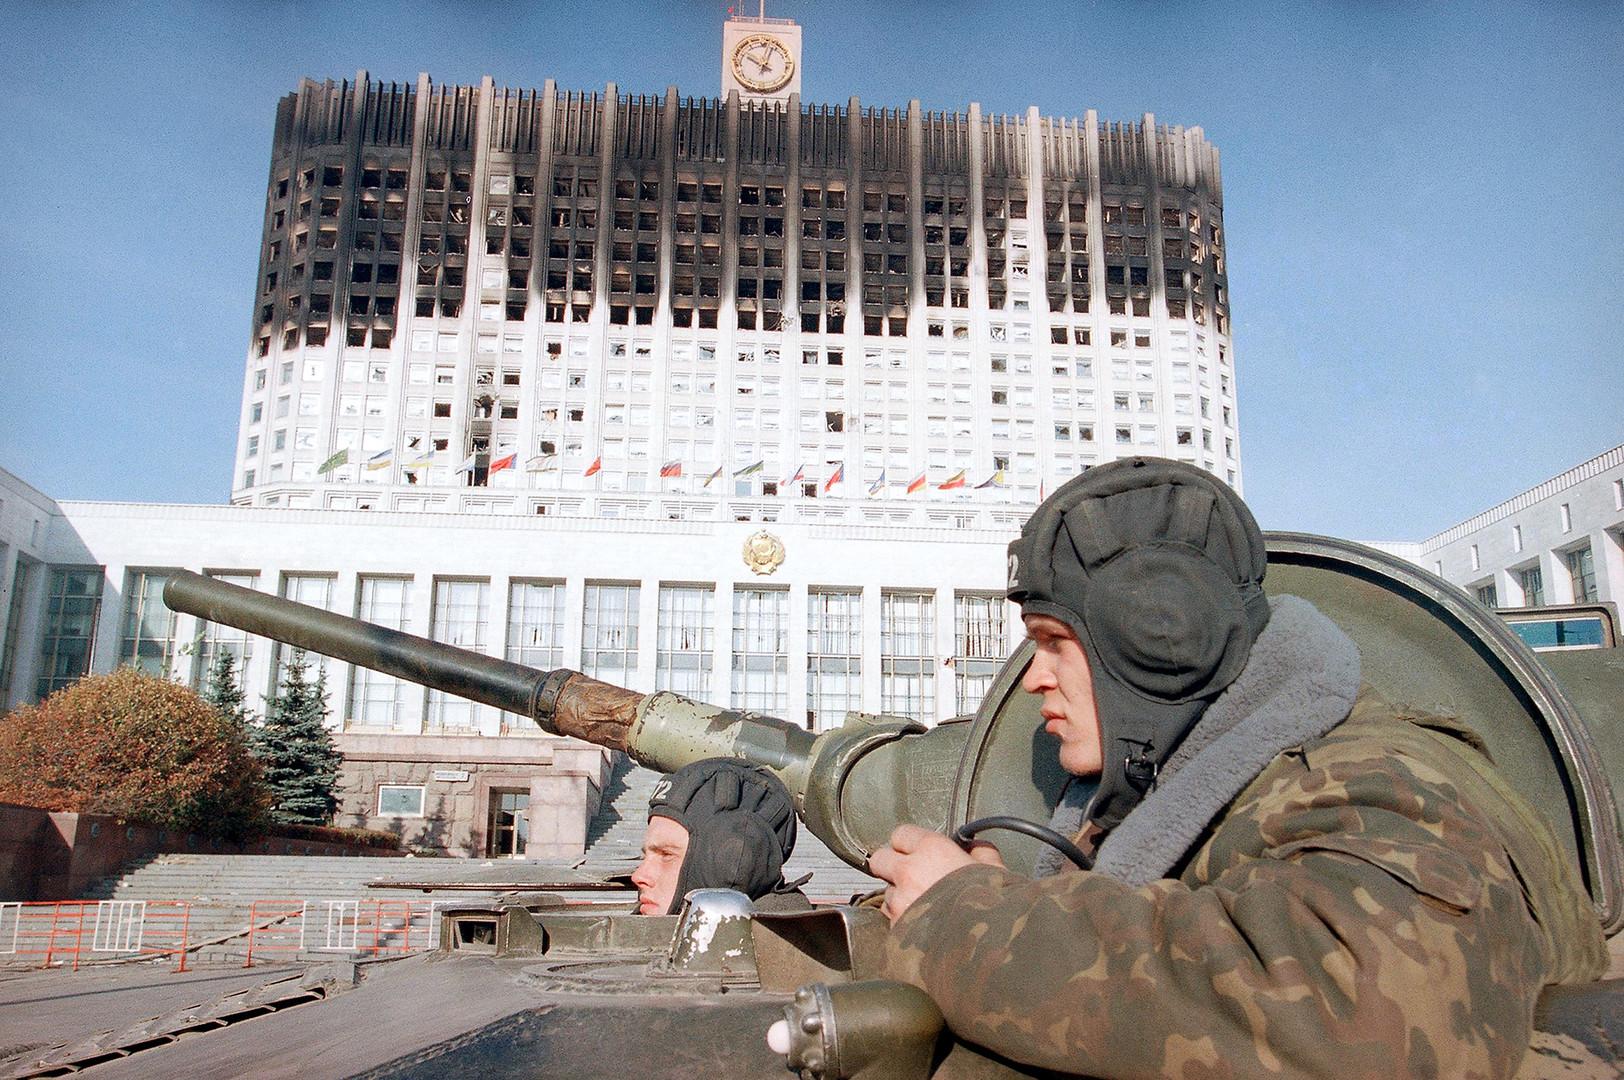 Los soldados rusos en el tanque cerca del Parlamento ruso en Moscú, 1993.